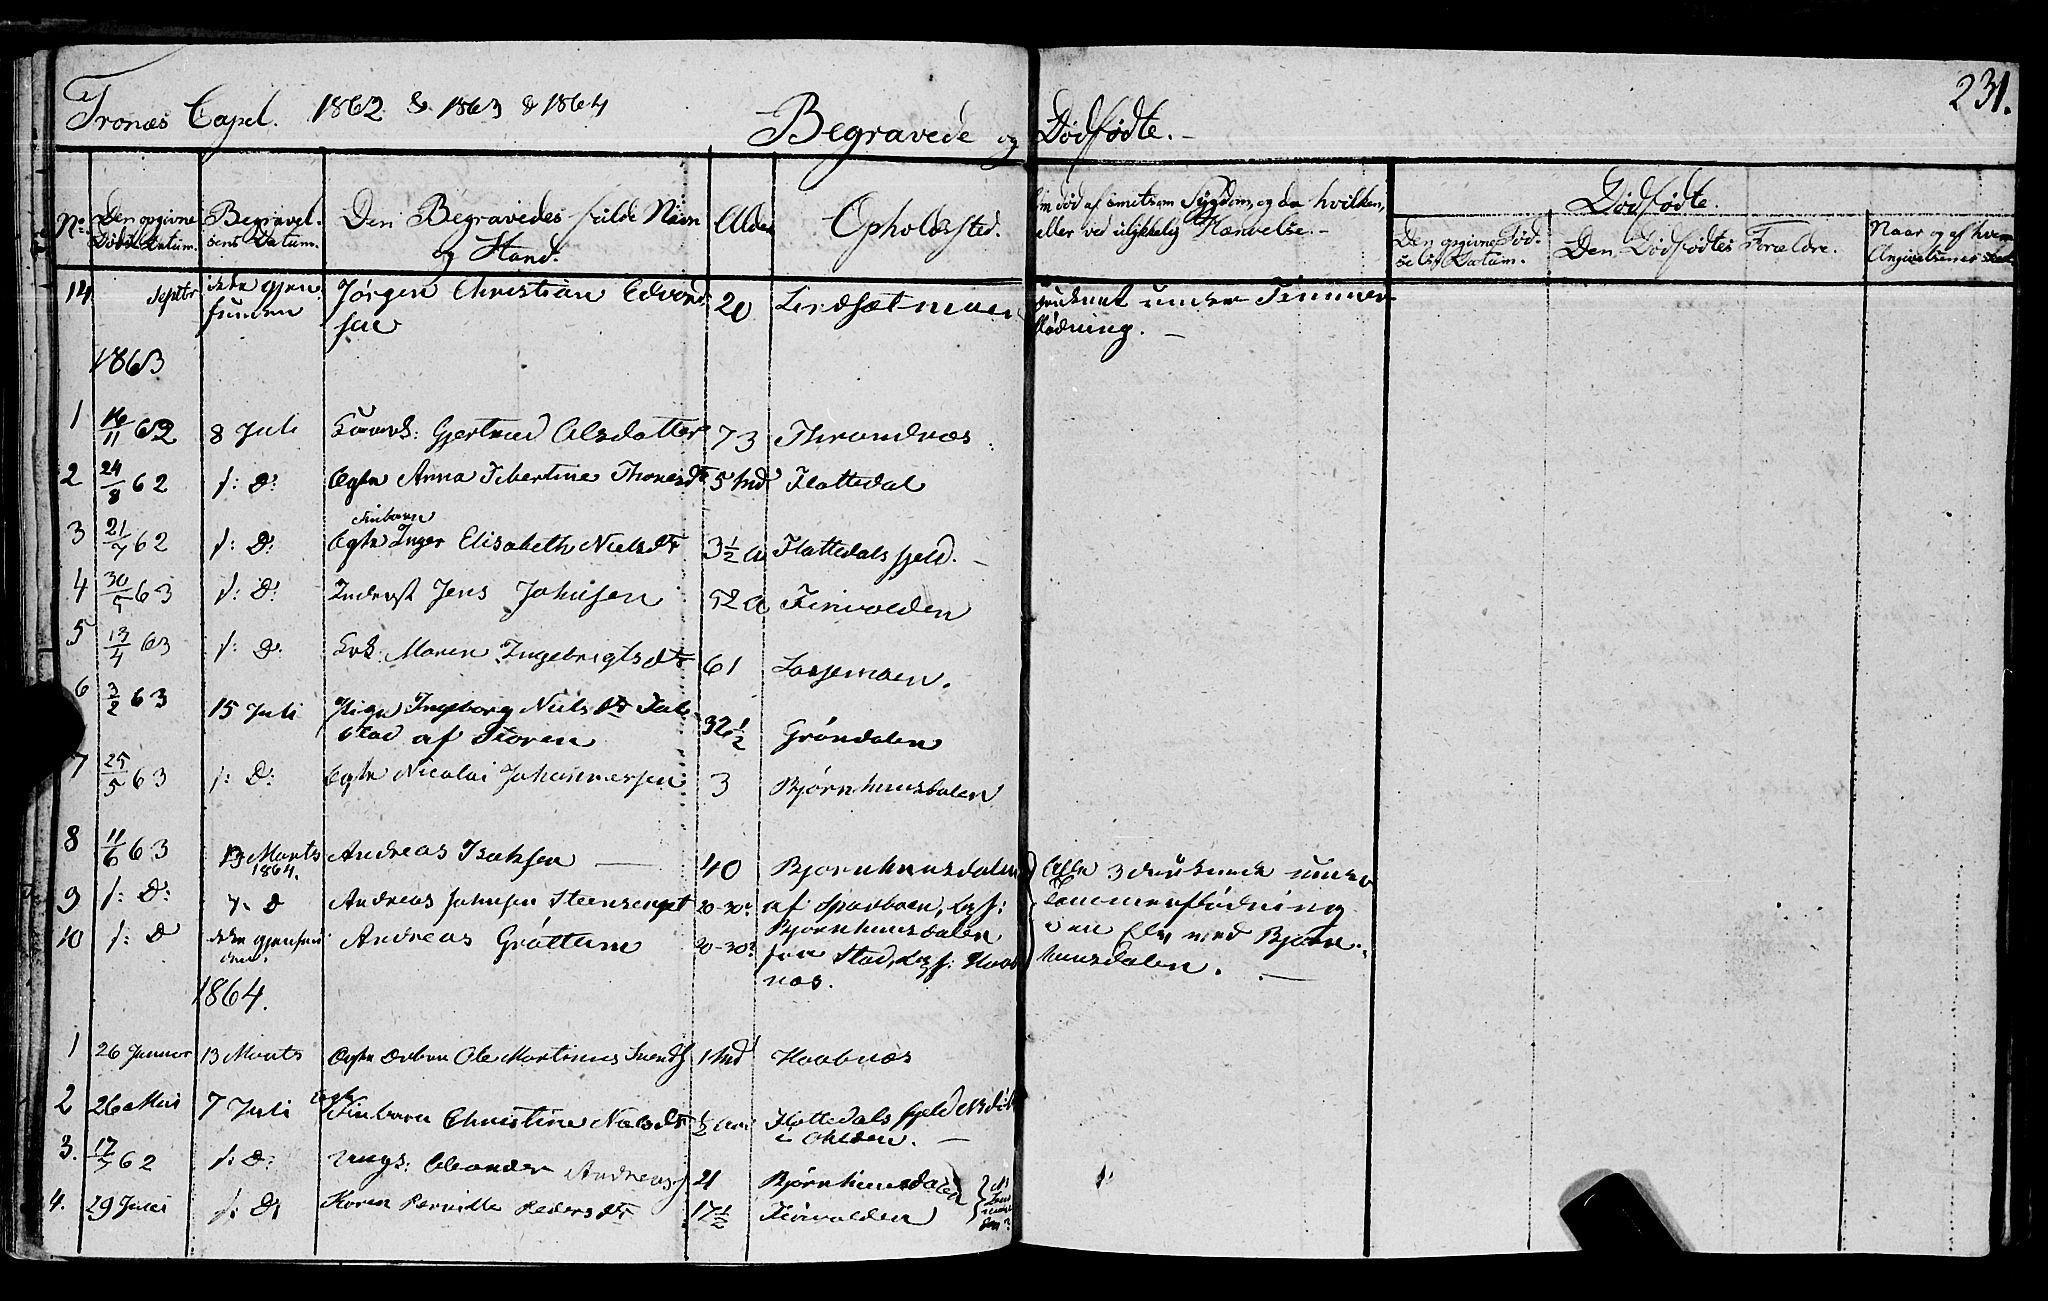 SAT, Ministerialprotokoller, klokkerbøker og fødselsregistre - Nord-Trøndelag, 762/L0538: Ministerialbok nr. 762A02 /2, 1833-1879, s. 231